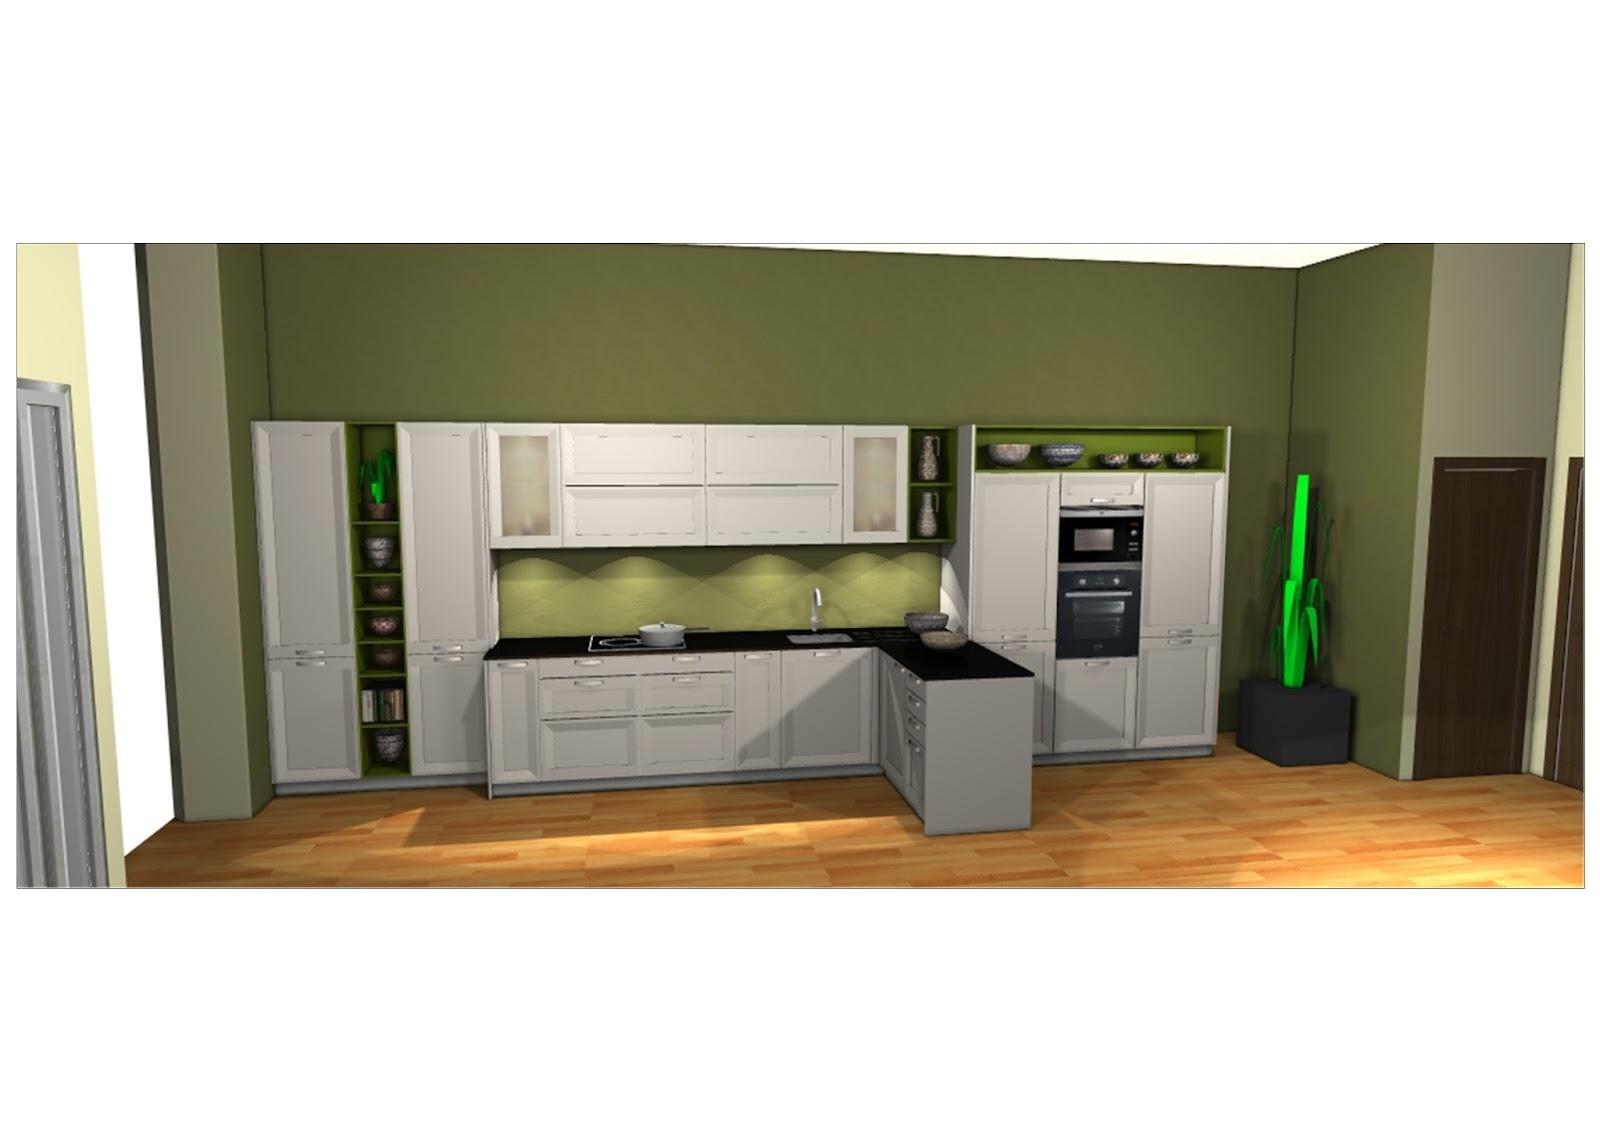 PLATHOO | Diseño de cocinas y baños 3D |: Imágenes en 3D ...